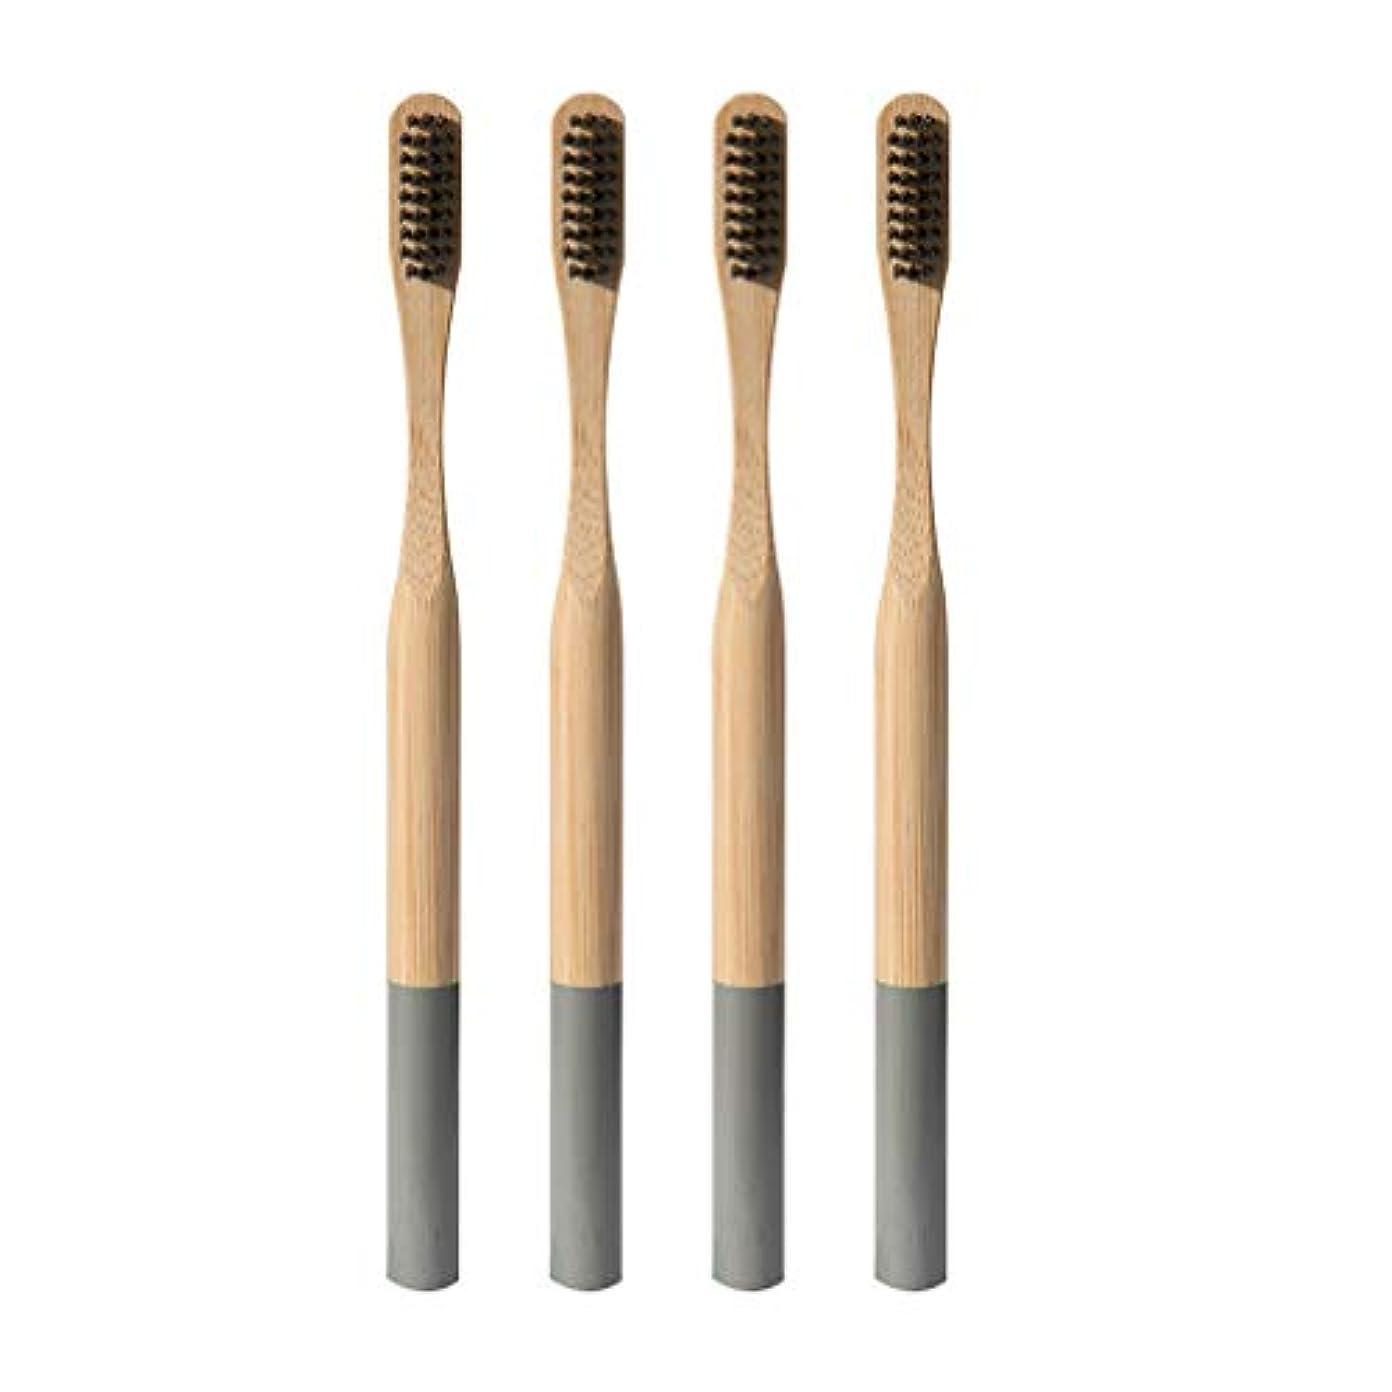 滝禁止するエージェントHEALLILY 天然竹炭歯ブラシ柔らかい毛生分解性手動歯ブラシ大人用4本(グレー)